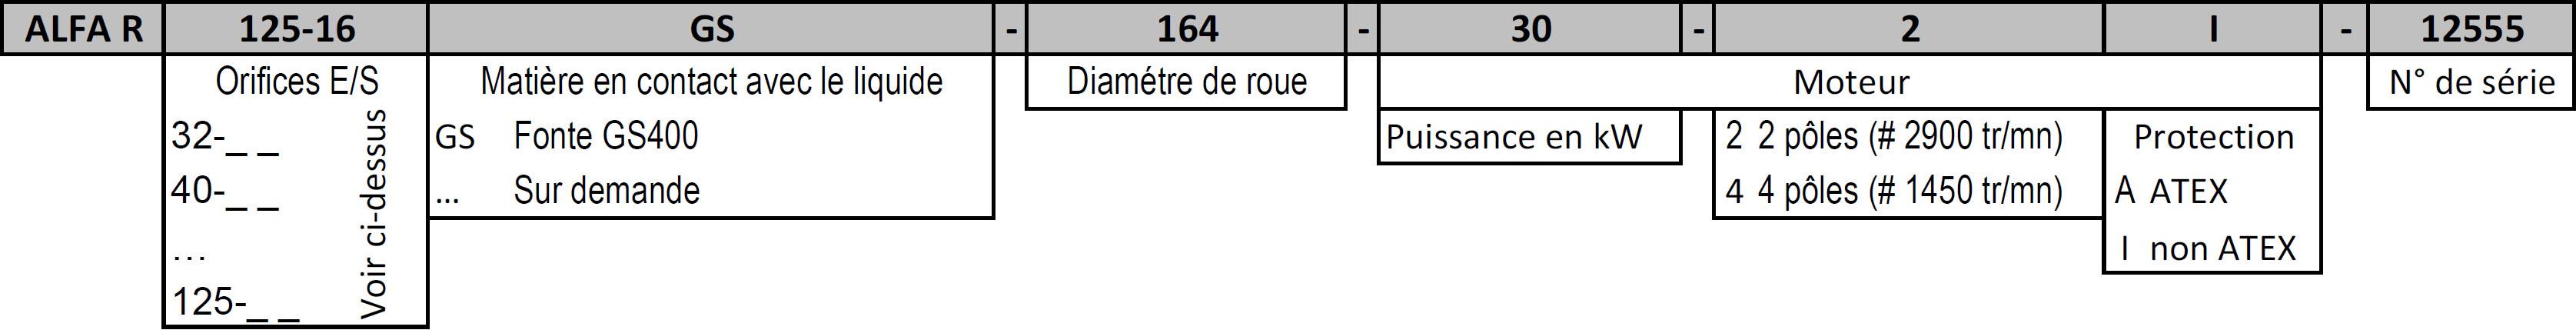 ALFA R-16-FR-8